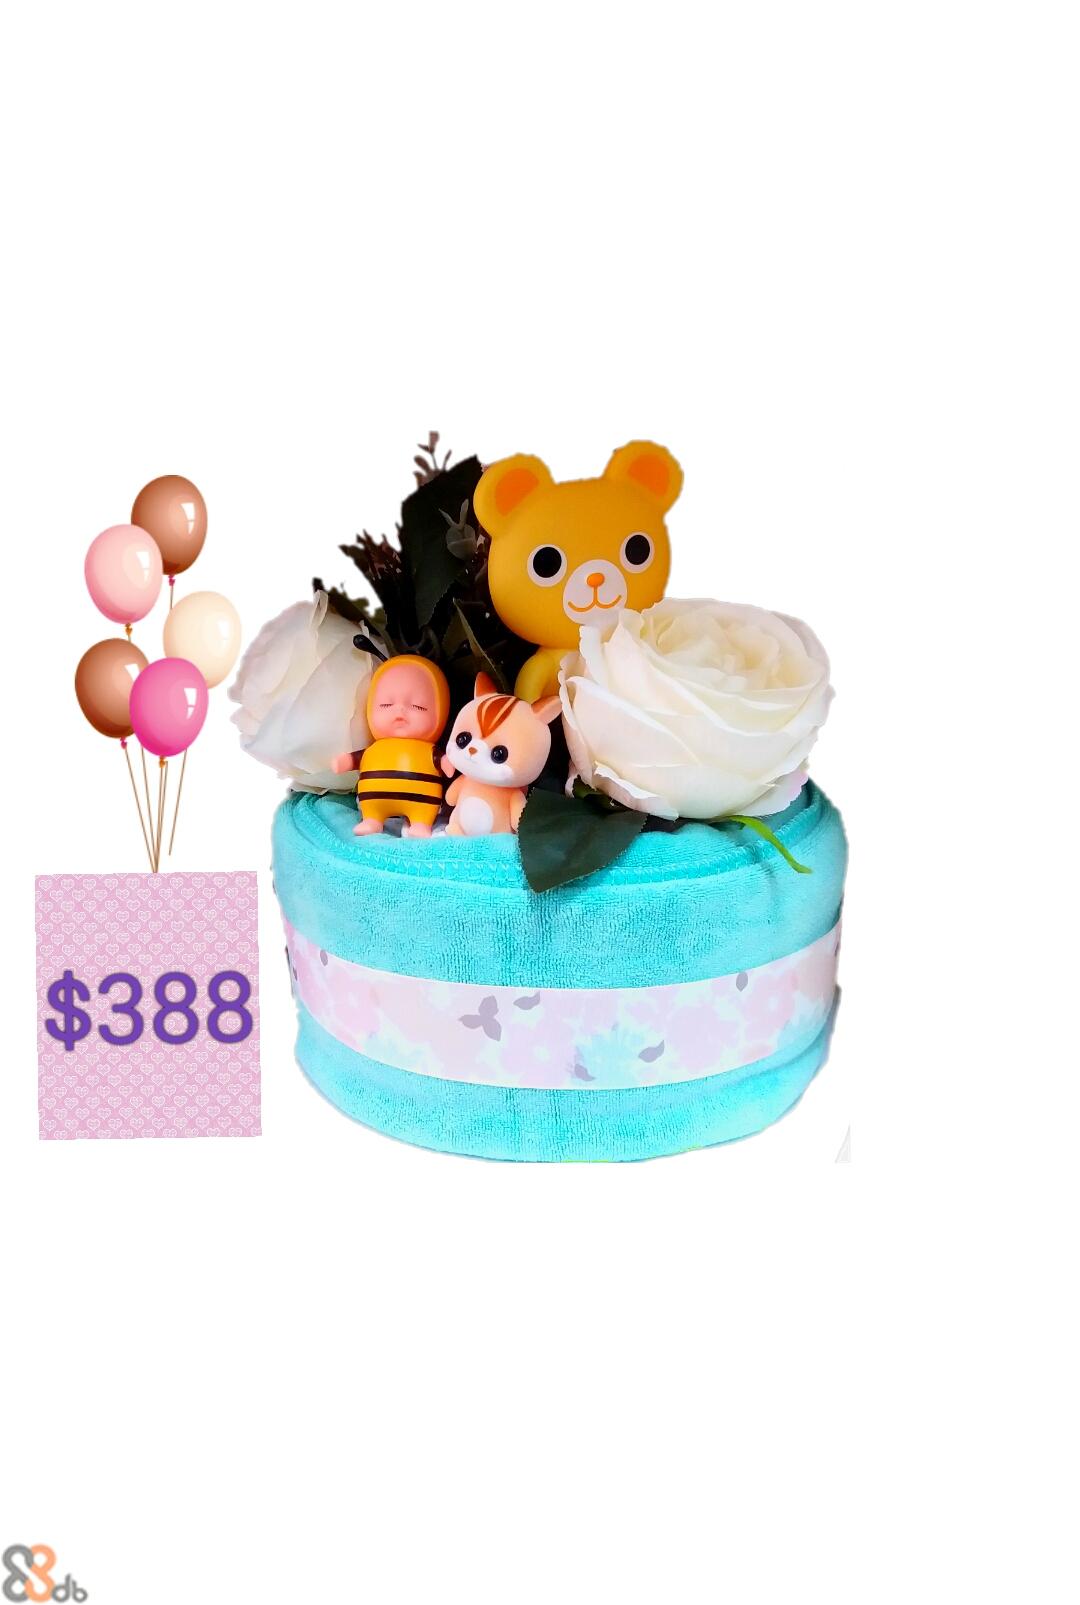 cake decorating,torte,cake,product,toy